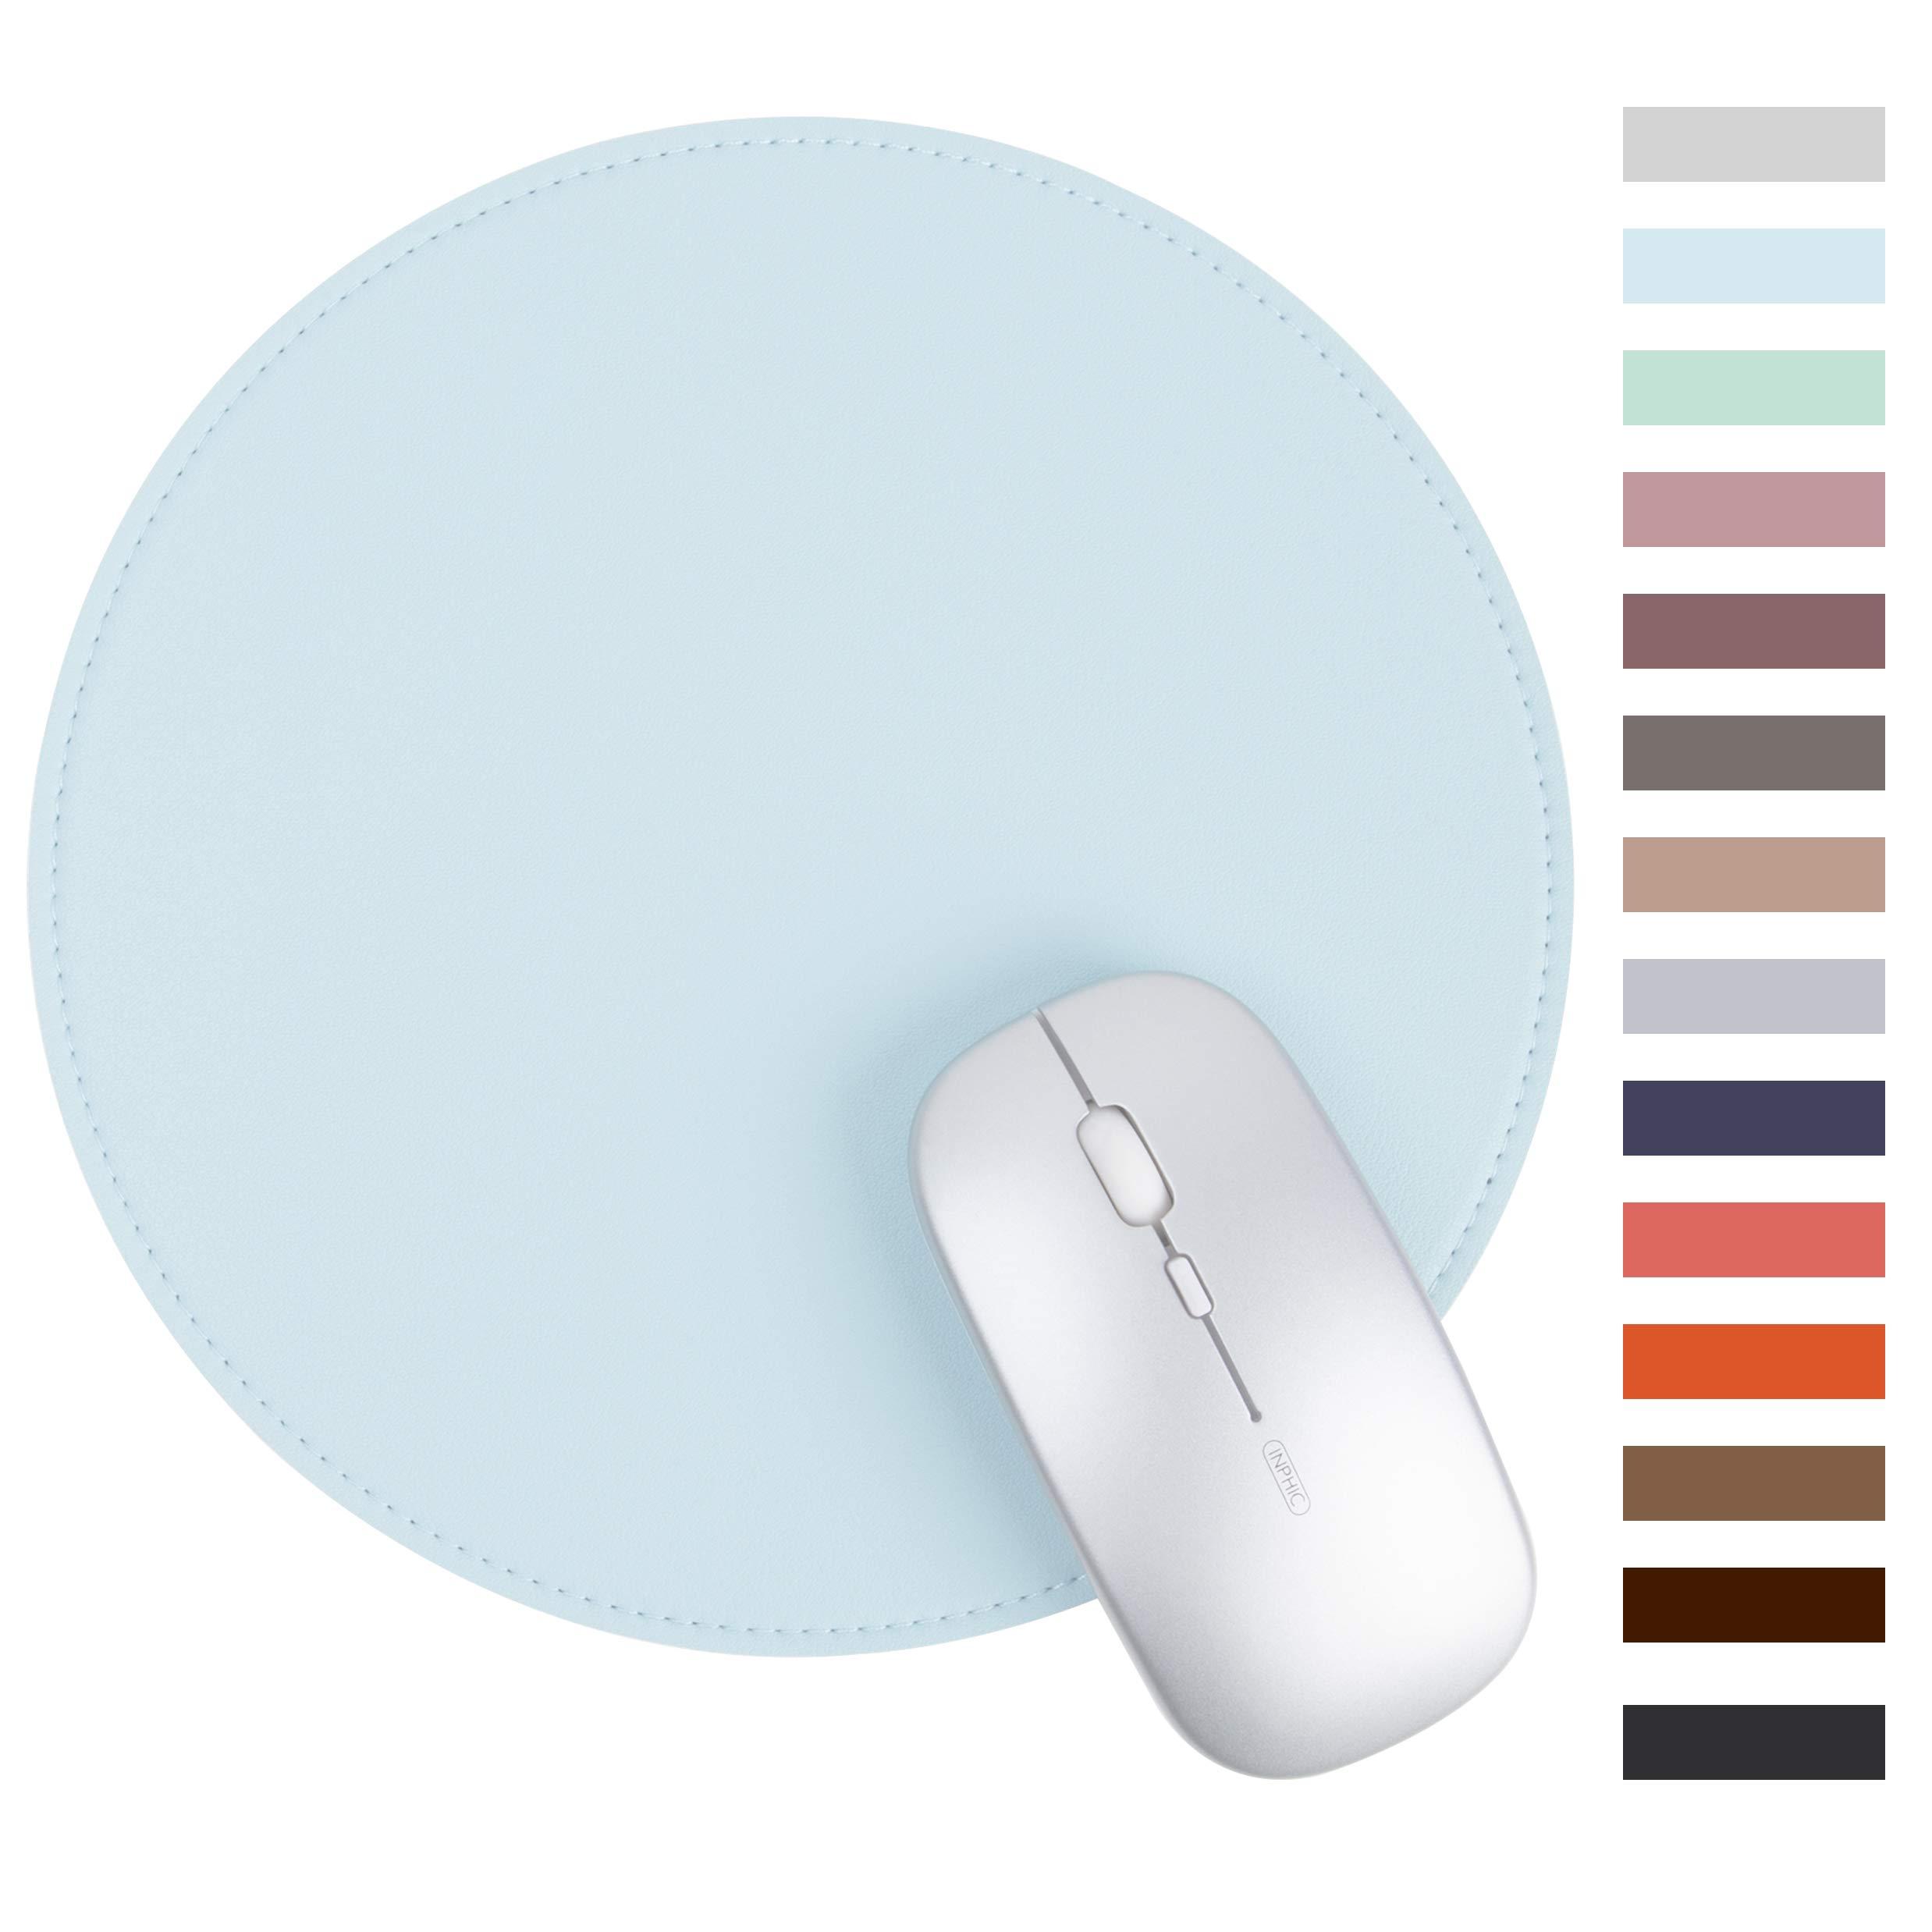 Mouse Pad Redondo Cuero Sintetico Borde Cocido LEAROL -8CRKX